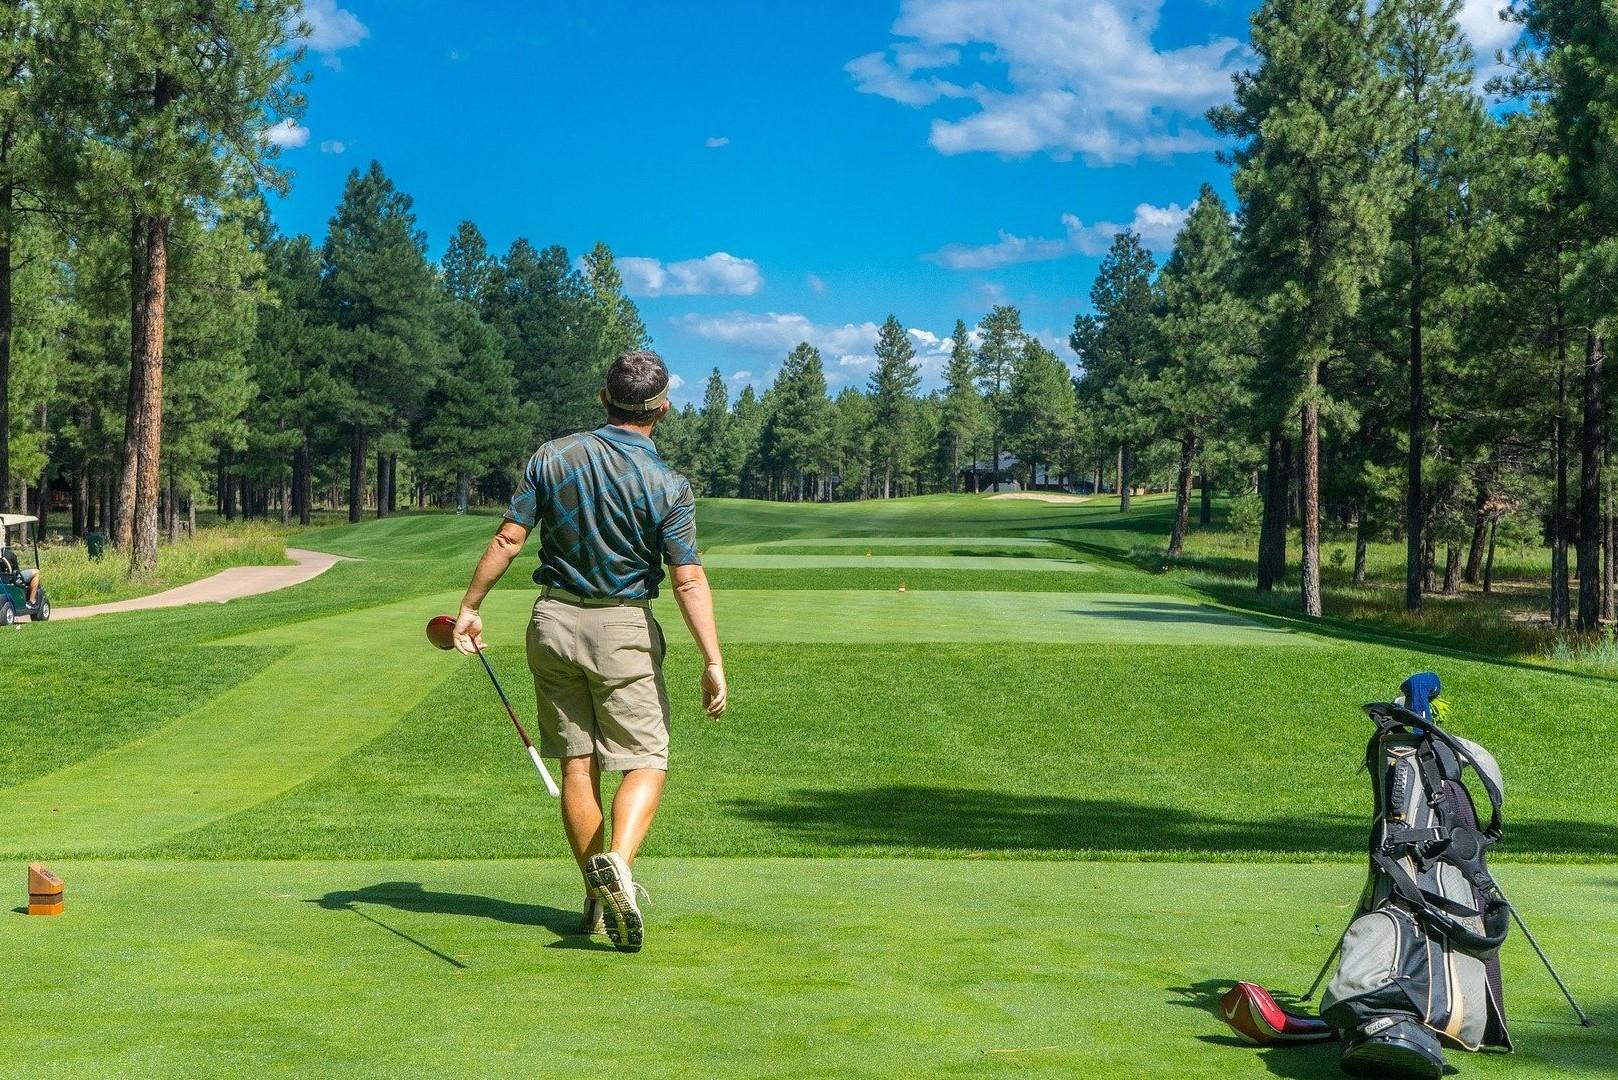 60sai-waribiki-golf